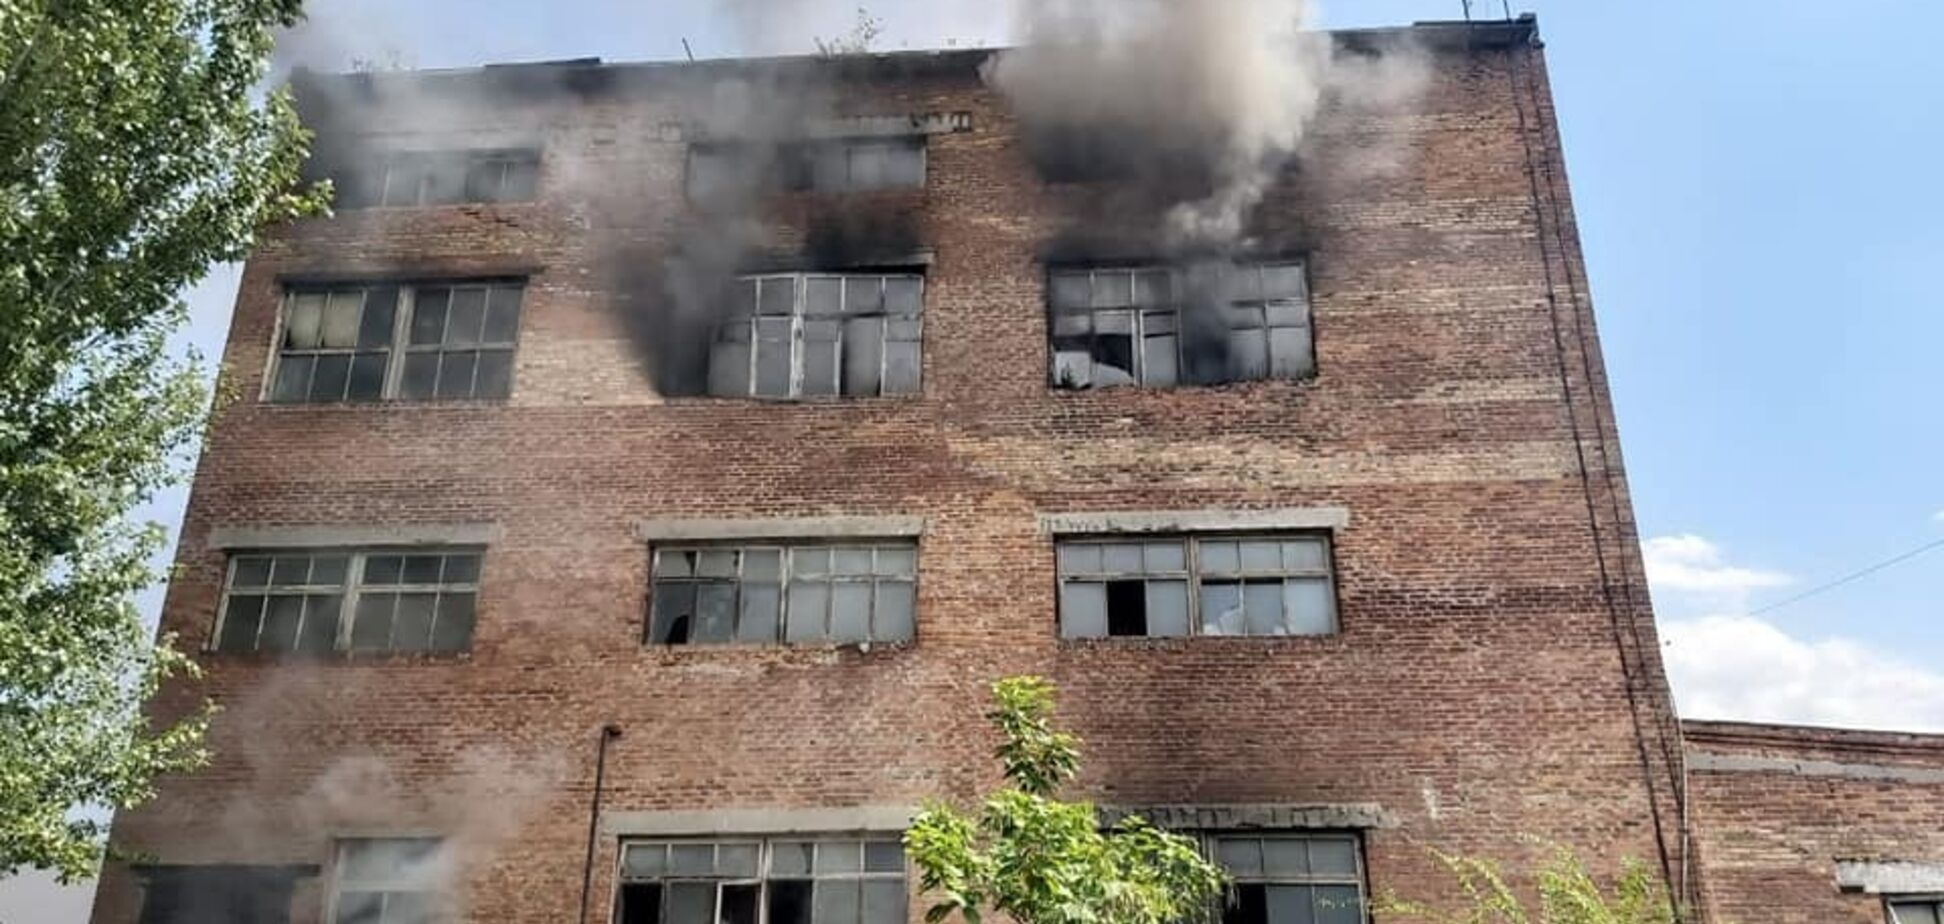 У Дніпрі загорівся завод. Фото і відео масштабної пожежі